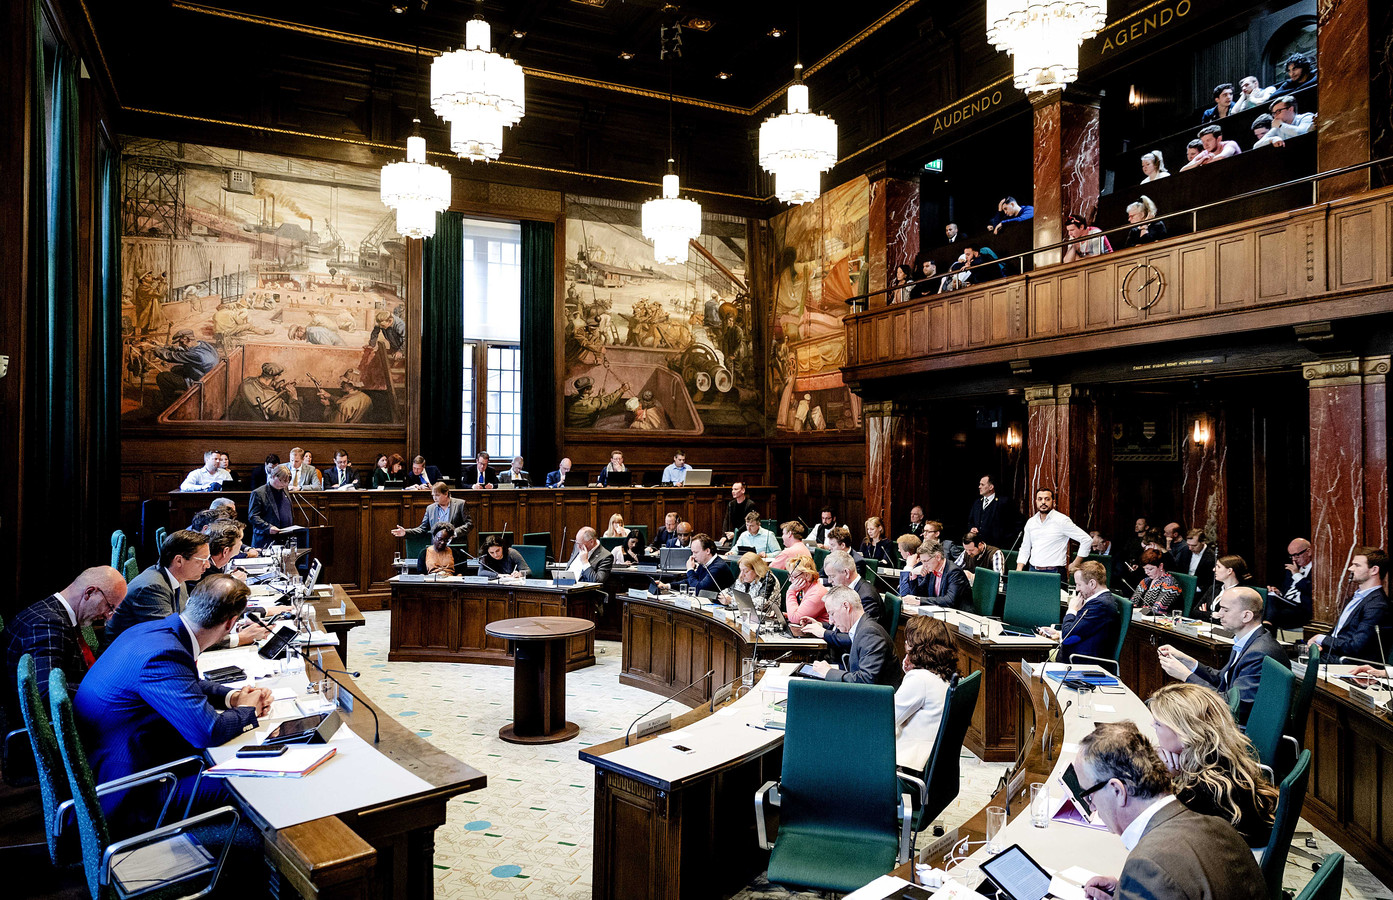 De Rotterdamse gemeenteraad debatteert over de demonstratie bij het Turkse consulaat en de rol daarin van de Turkse consul-generaal in Rotterdam, Sadin Ayyildiz.